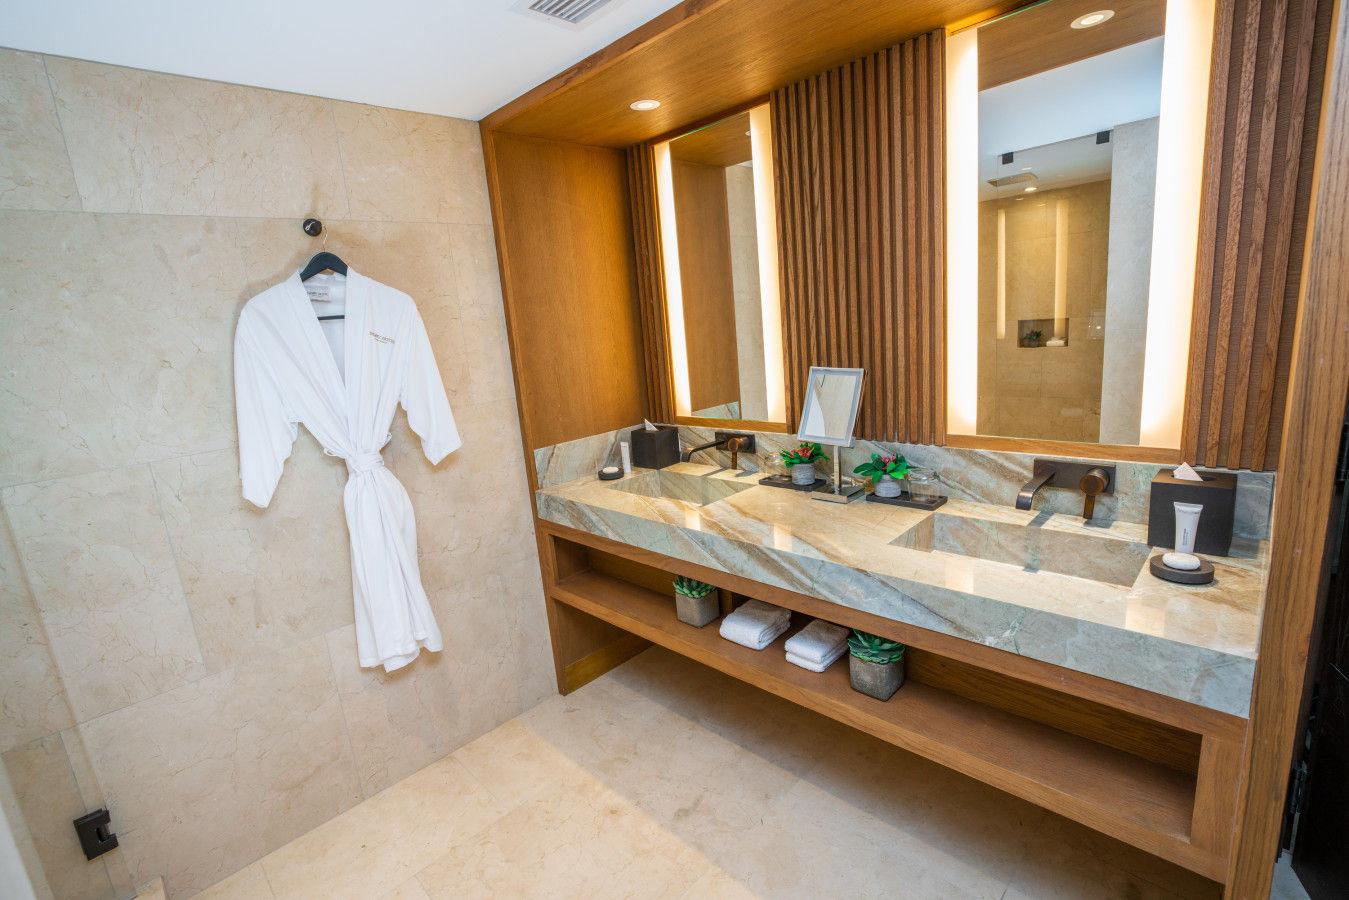 Umi Suite - Nobu HotelMiami Beach